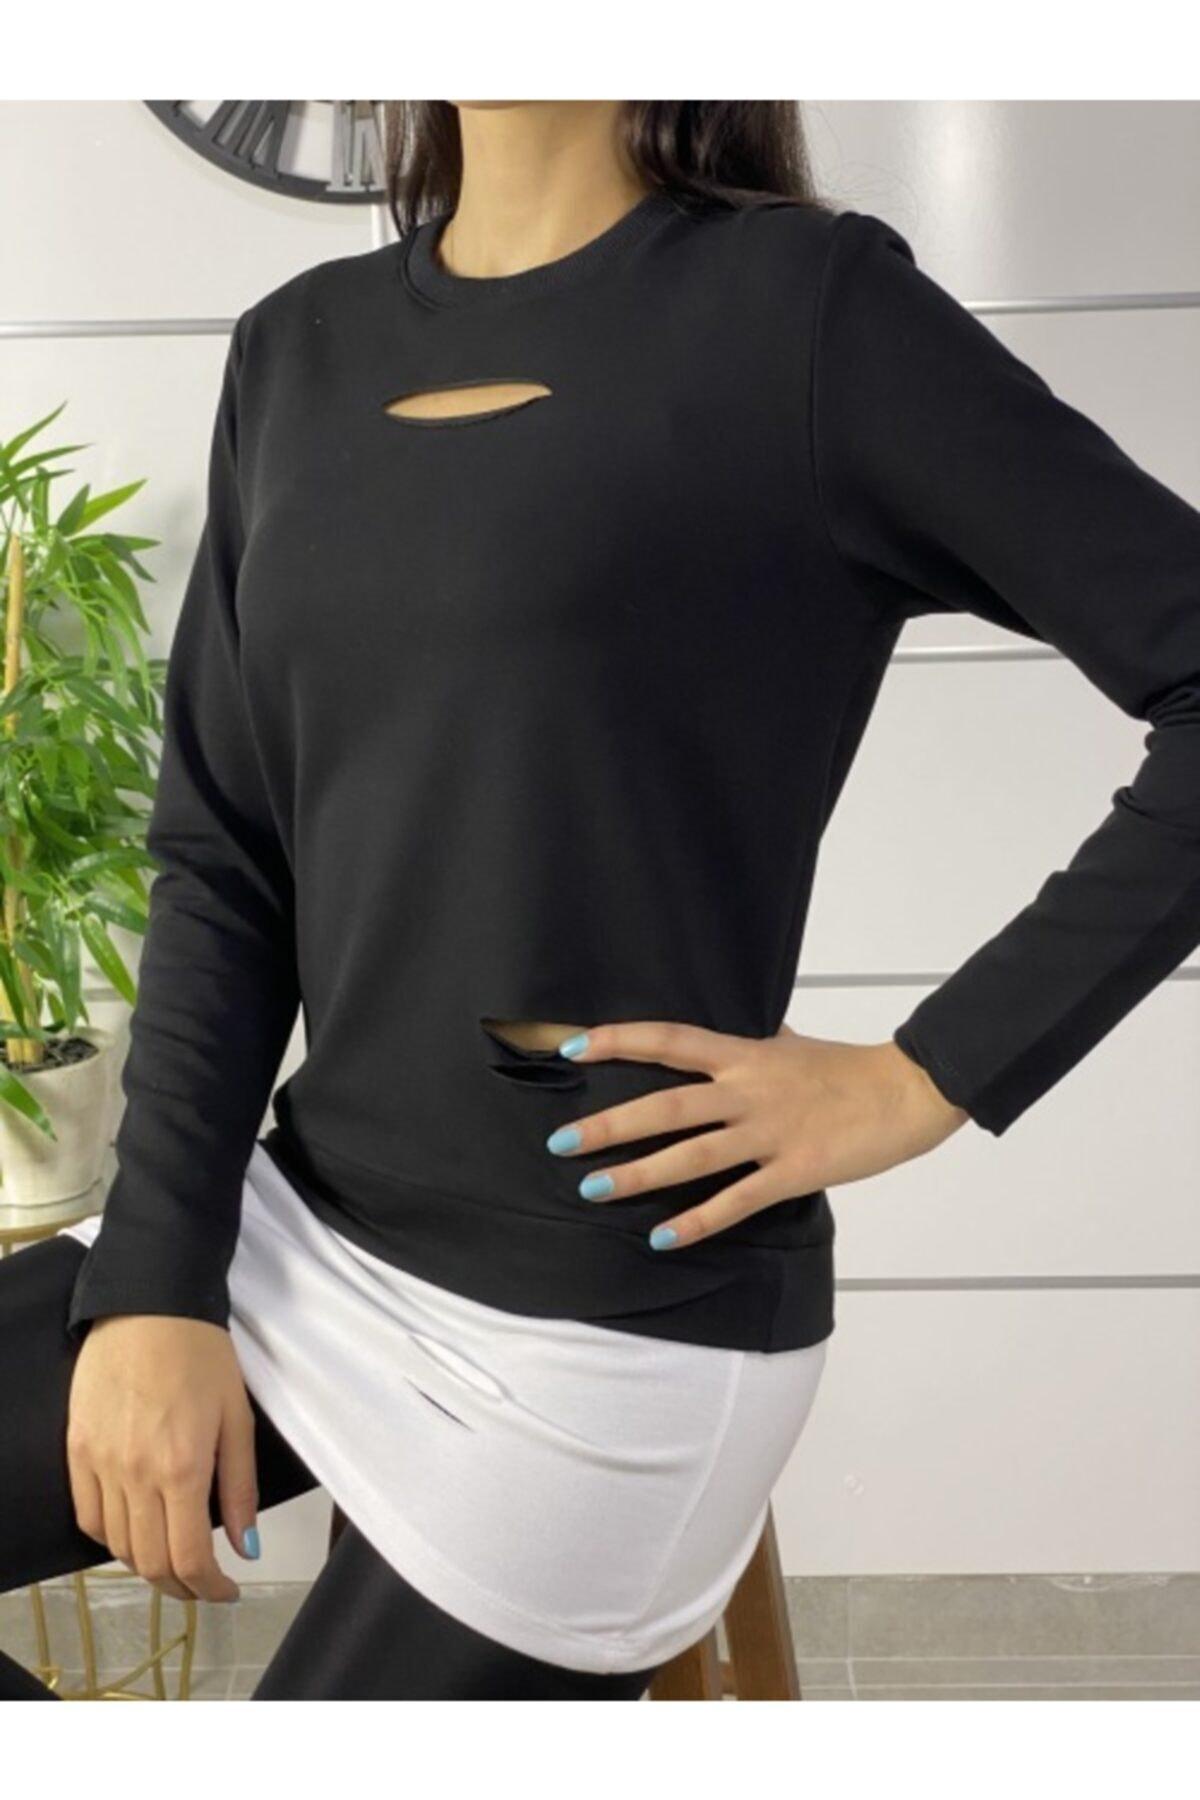 ELBİSENN Kadın Siyah Eteği T-Shirt Görünümlü Tasarım Sweatshirt 2